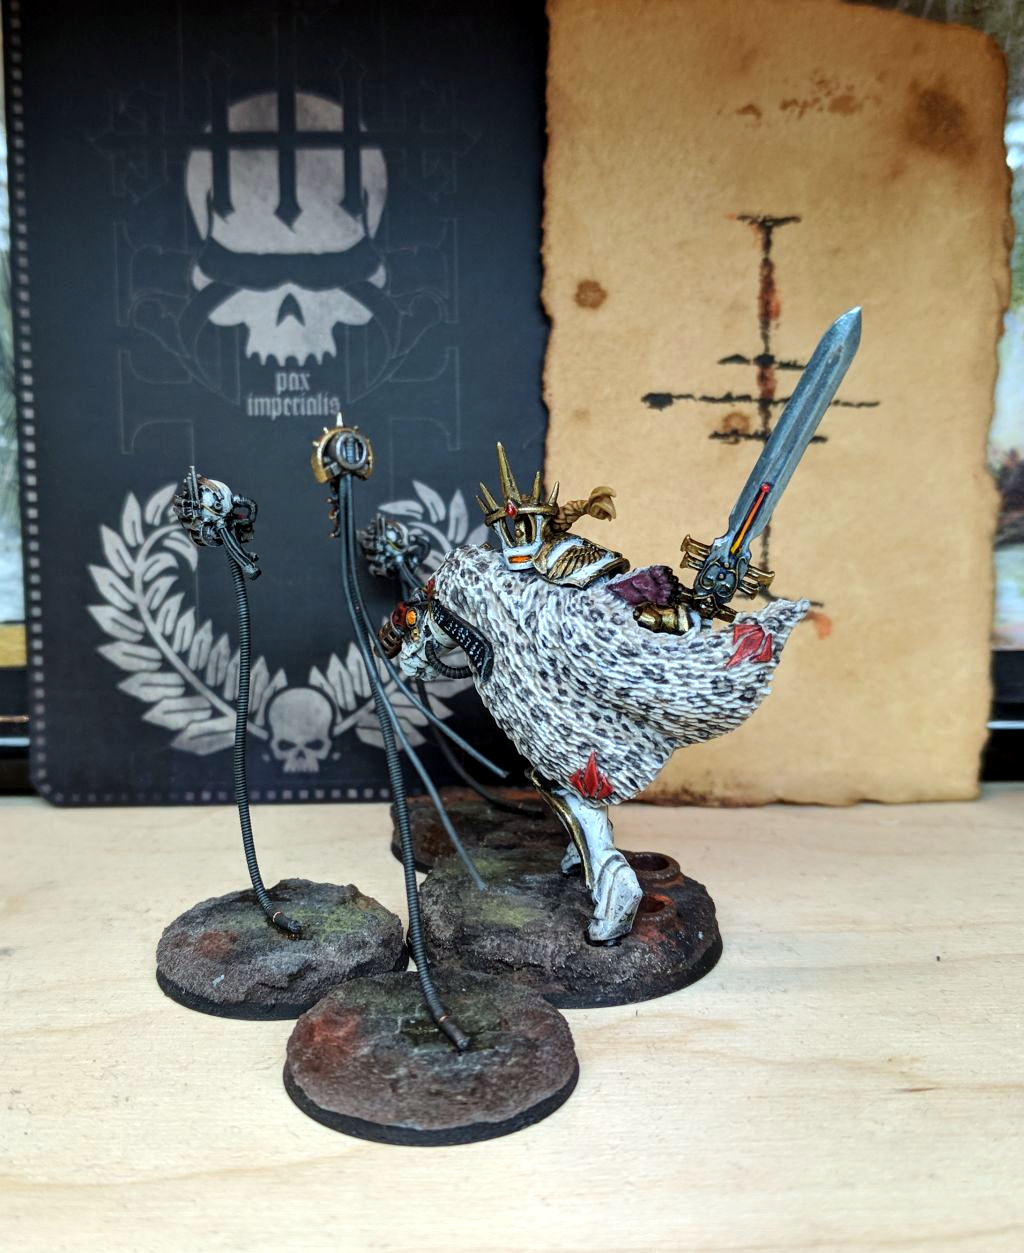 Inquisitorix Hestora Agarl, Ordo Malleus C